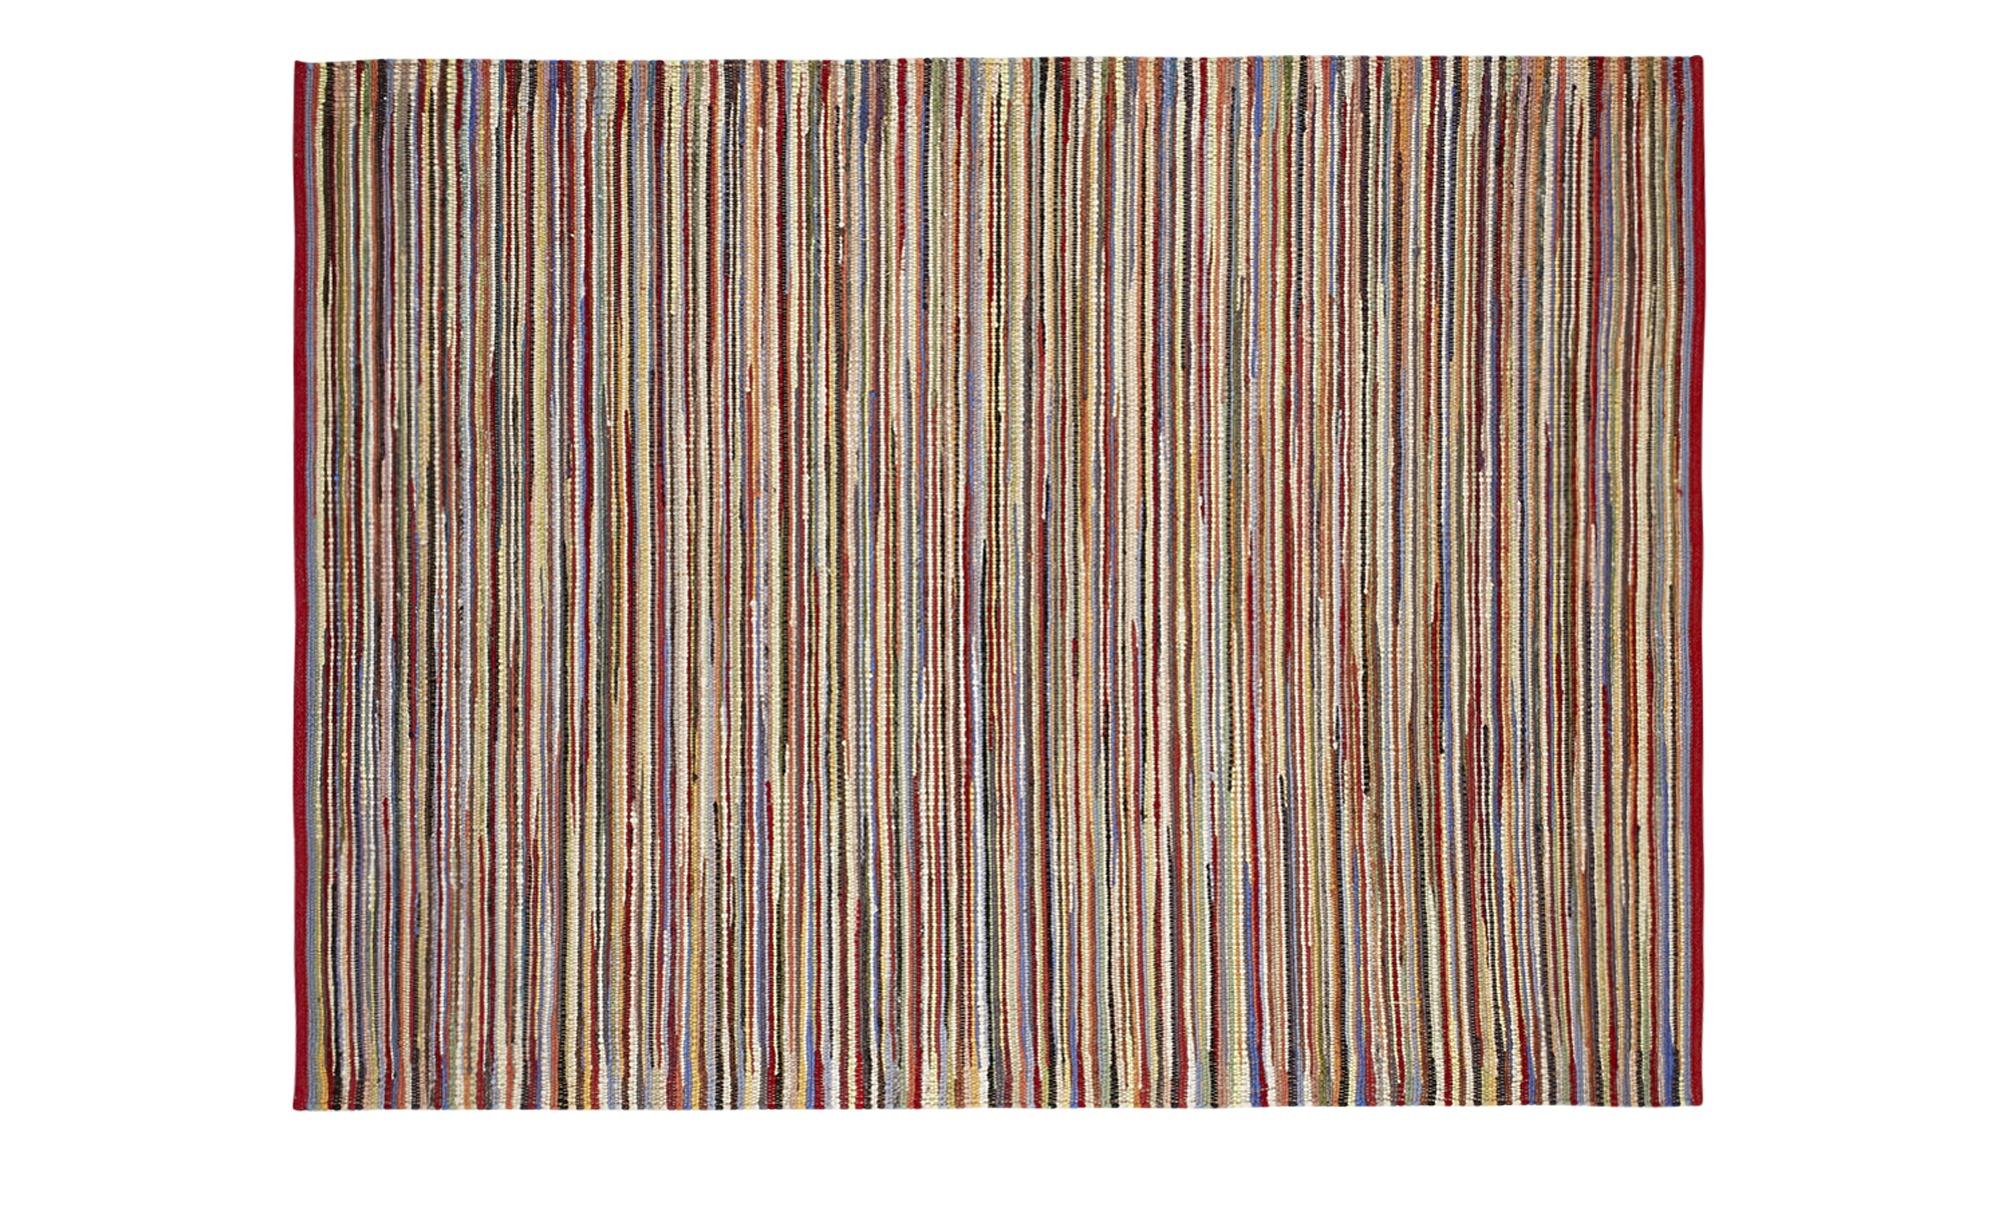 Handweber-Teppich  Bernau ¦ mehrfarbig ¦ 100 % Schurwolle ¦ Maße (cm): B: 90 Teppiche > Wohnteppiche - Höffner